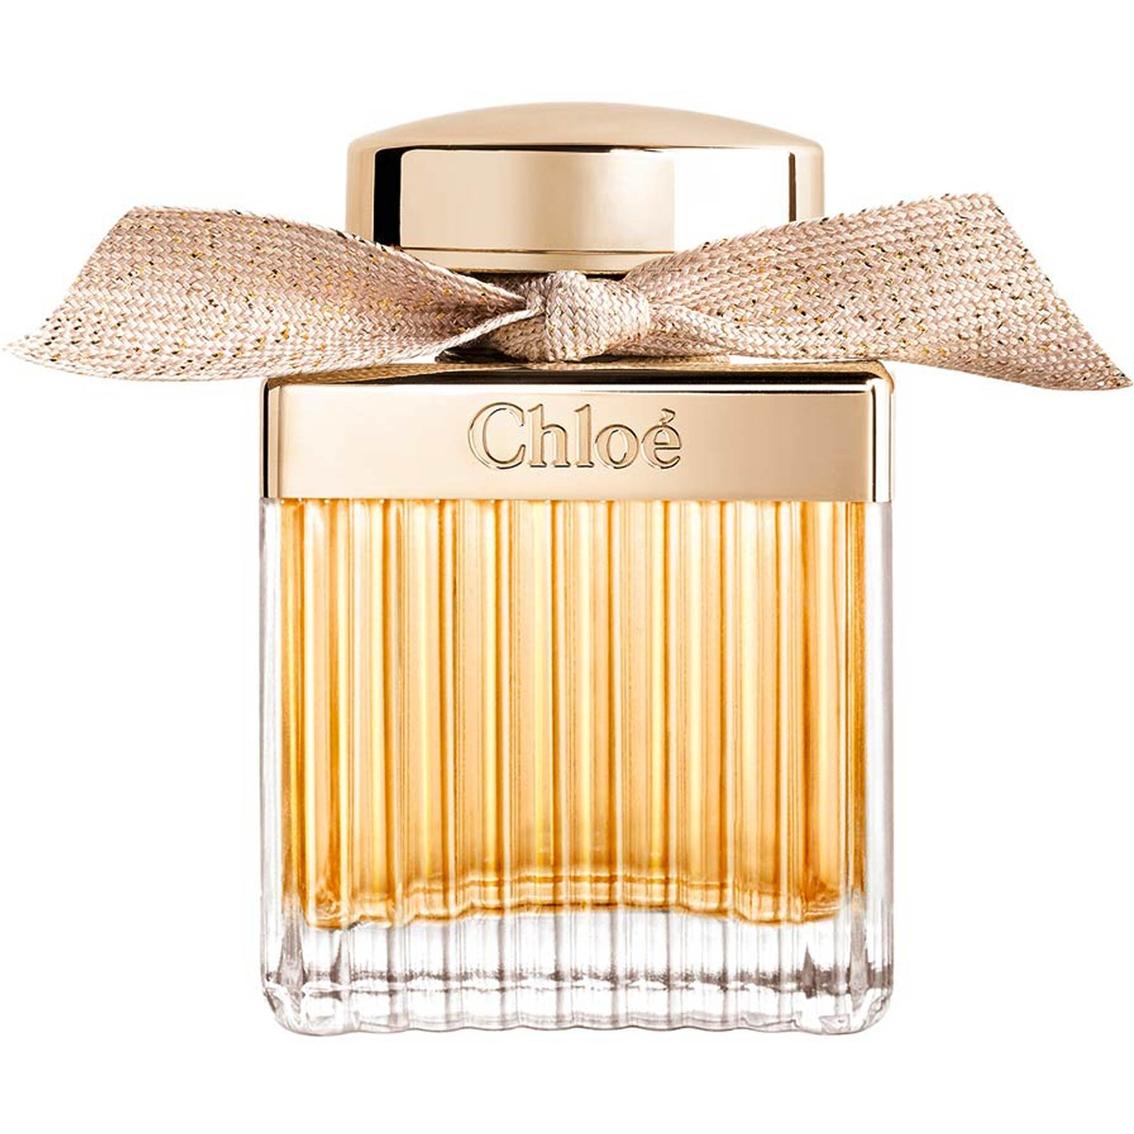 น้ำหอม Chloé Absolu de Parfum ขนาด 75ml กล่องเทสเตอร์